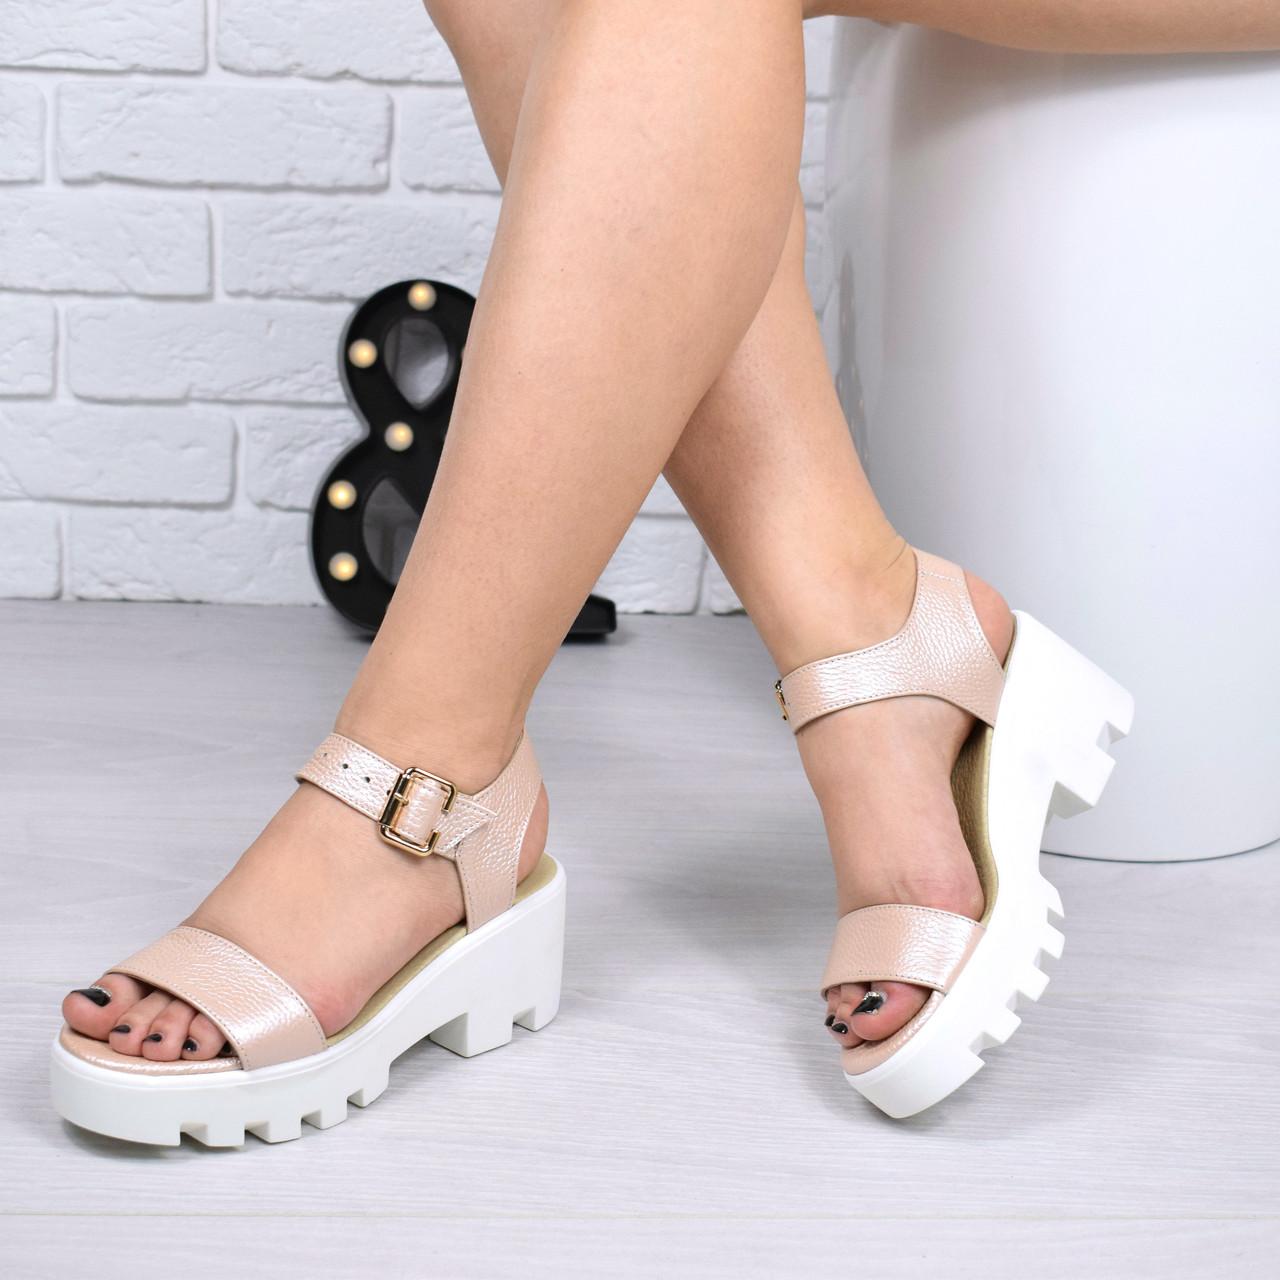 fd31cd908 Босоножки, туфли, сандали, сабо балетки, женские пудровые